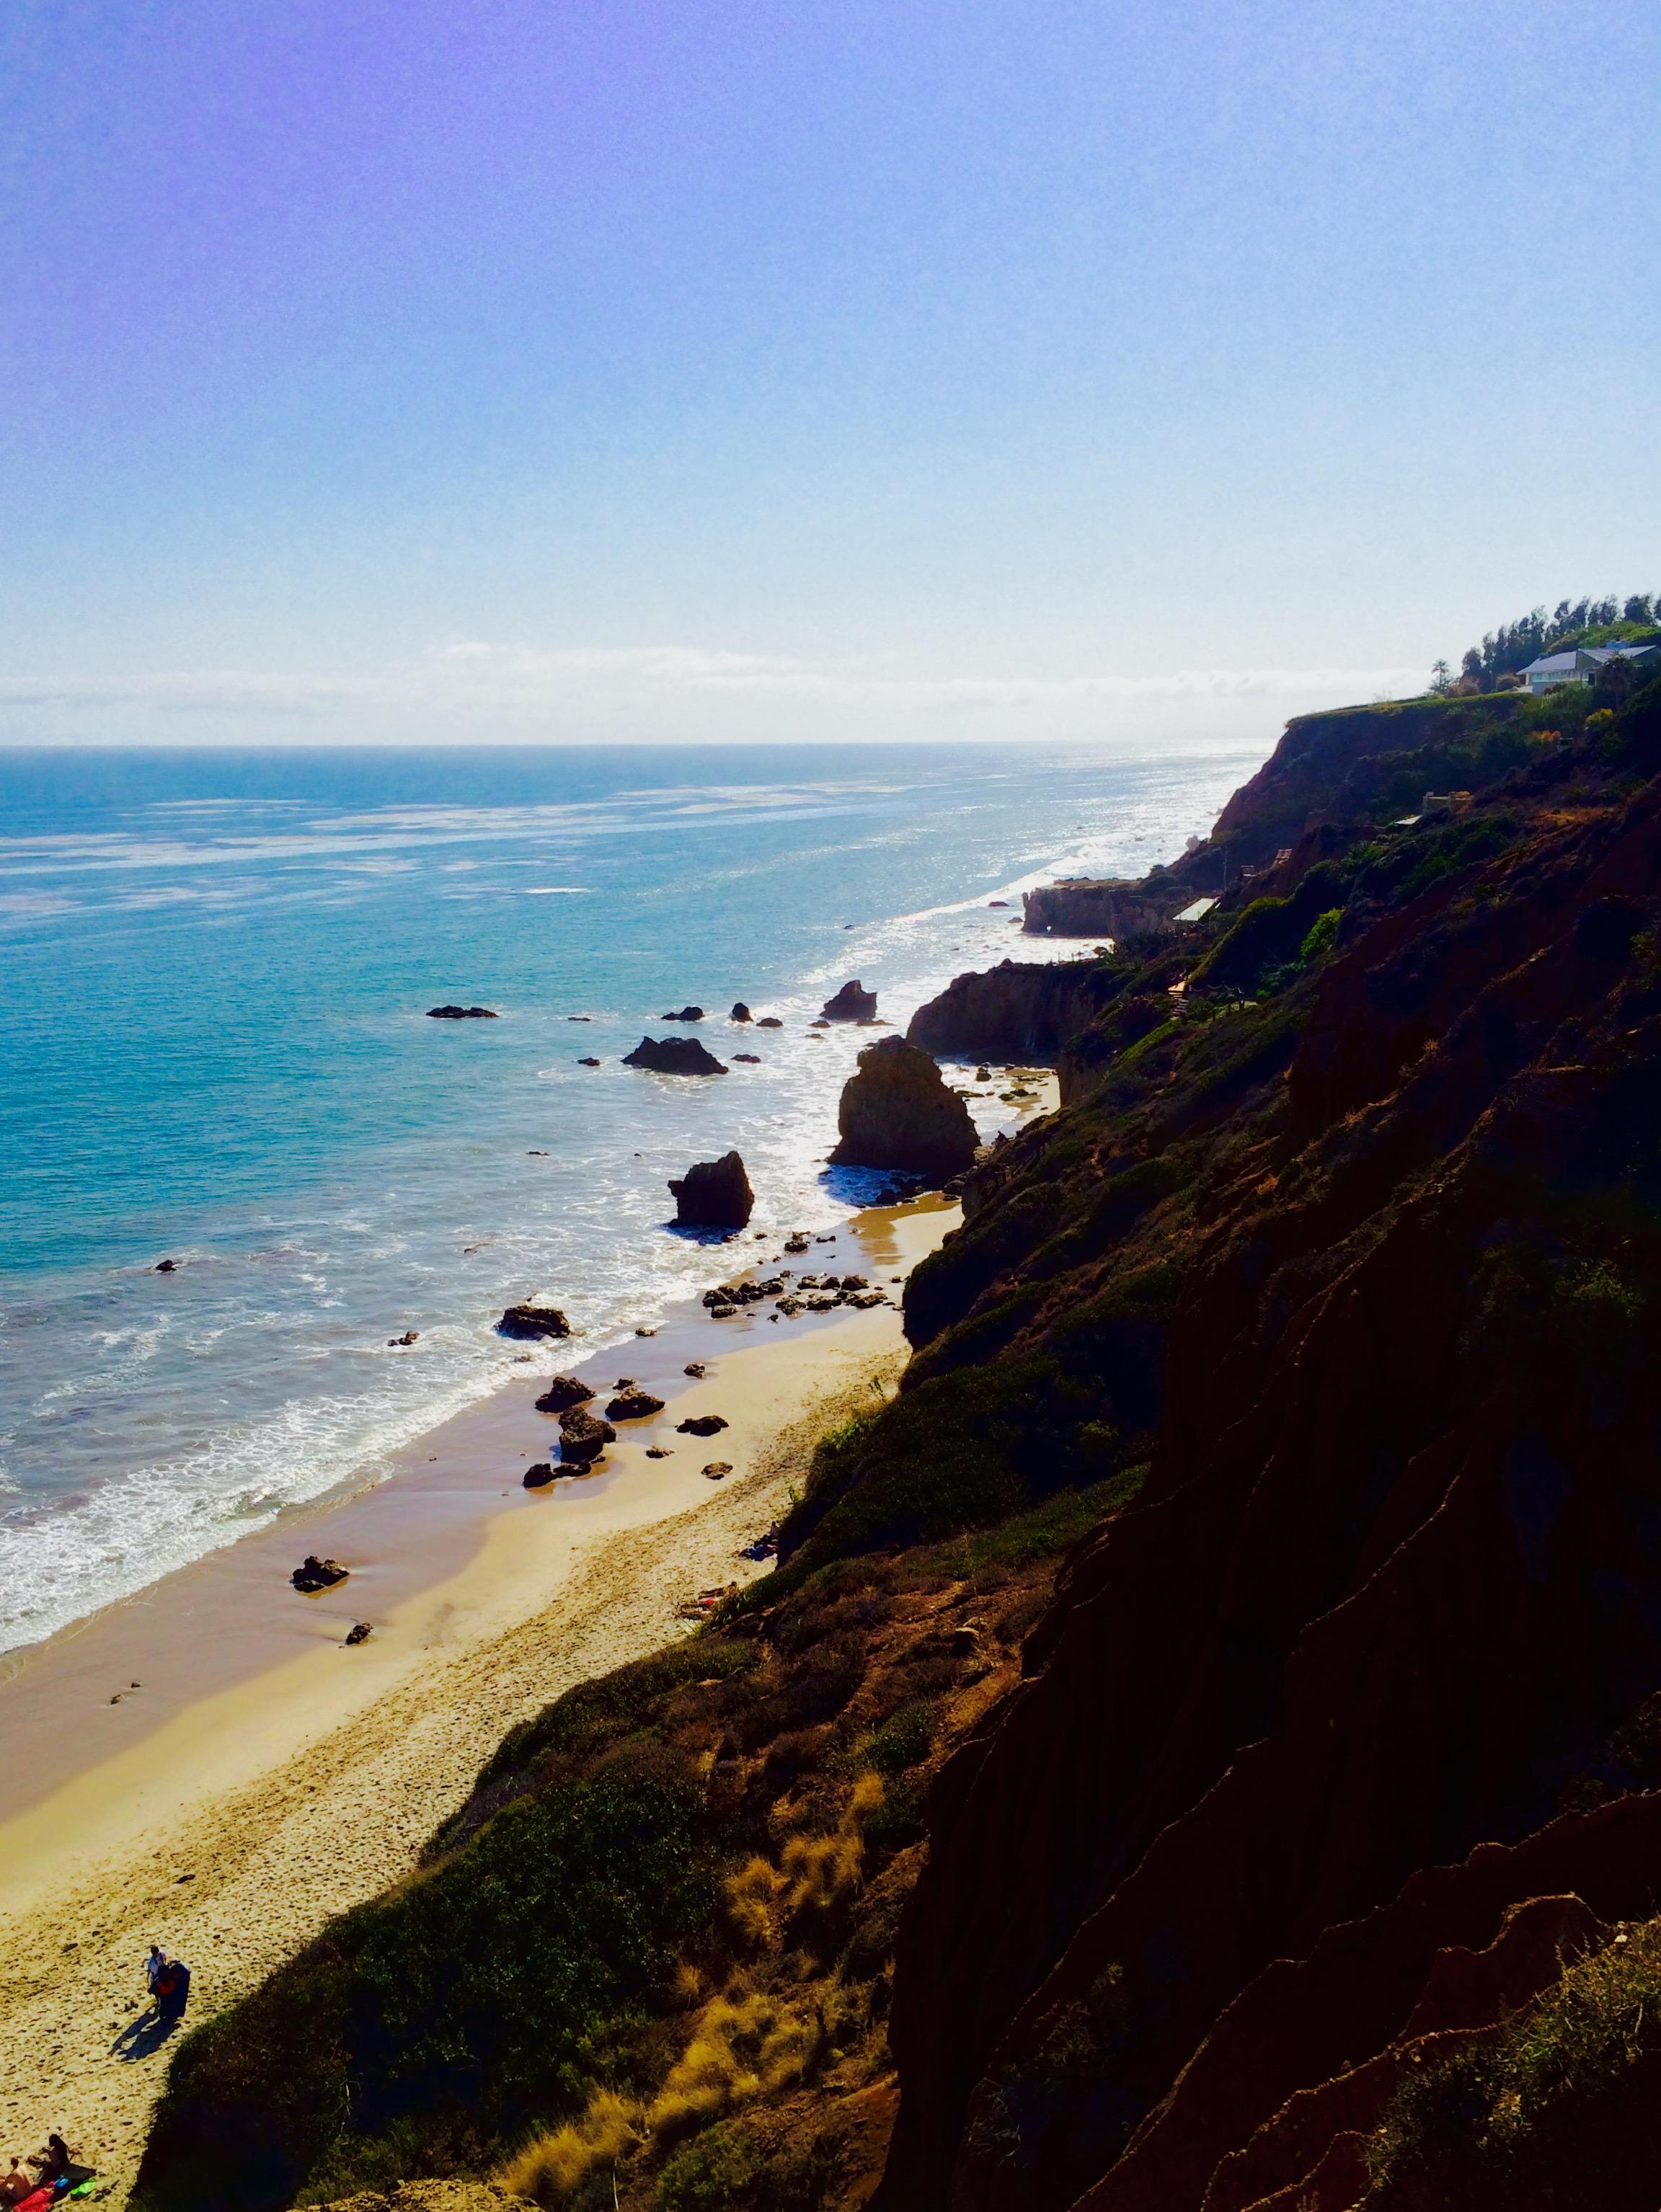 El Matador Beach, Malibu California - 3 Days*